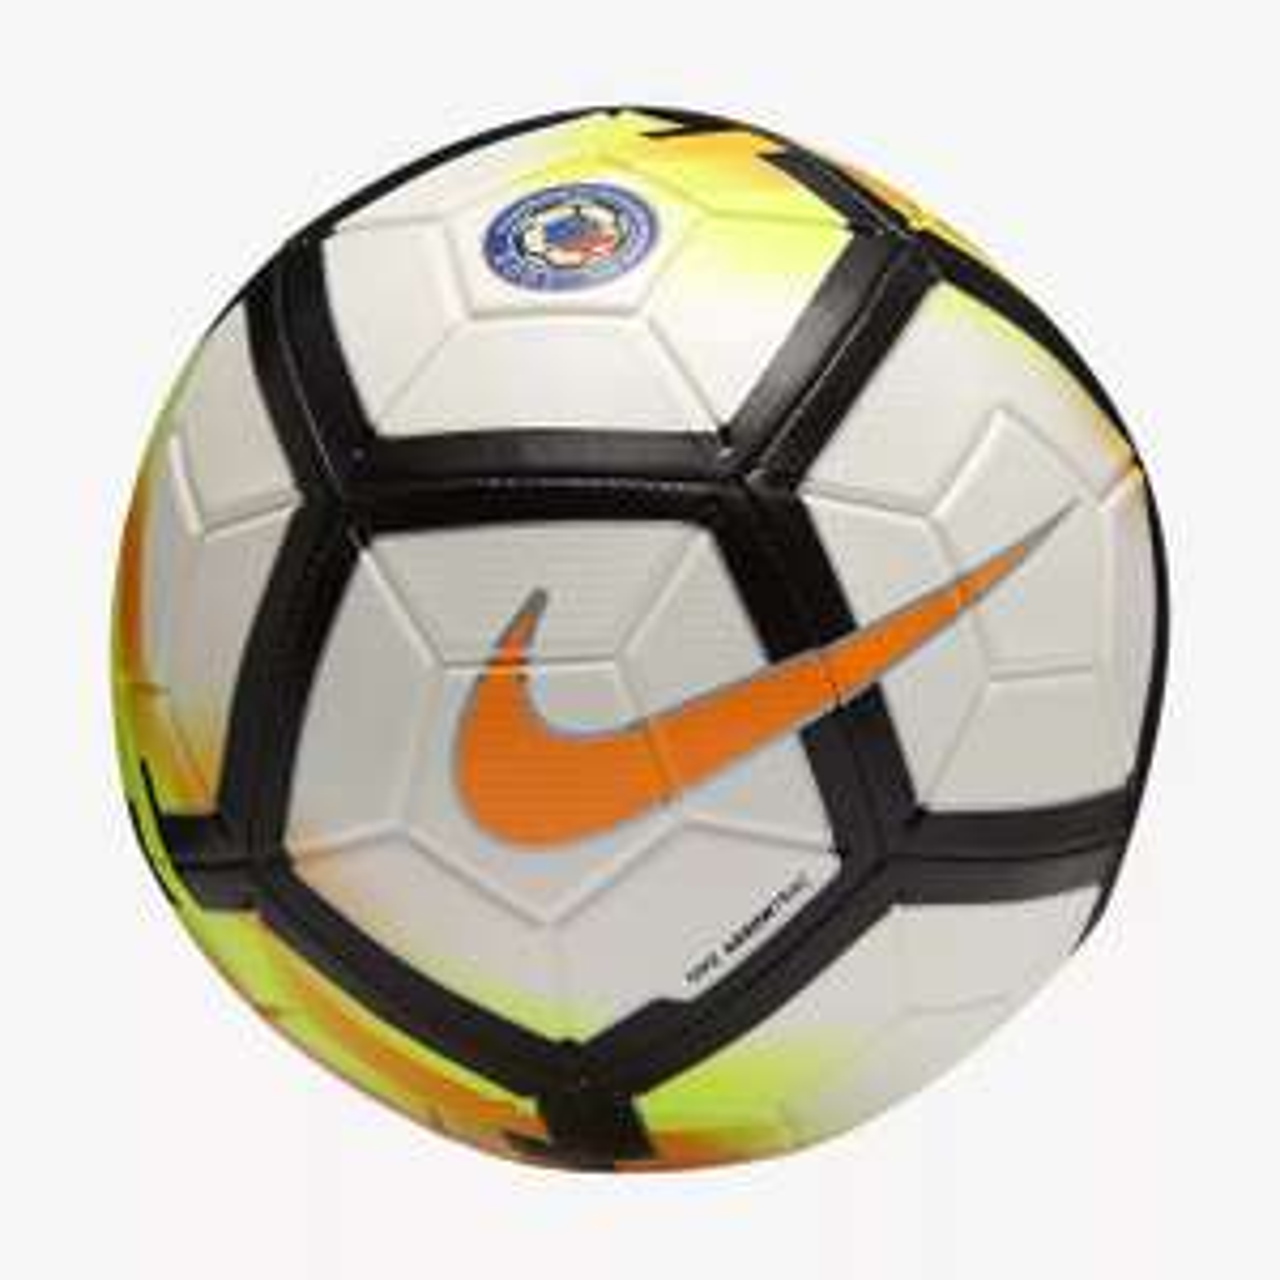 Nike voetbal. 12.47 ipv 25 euro